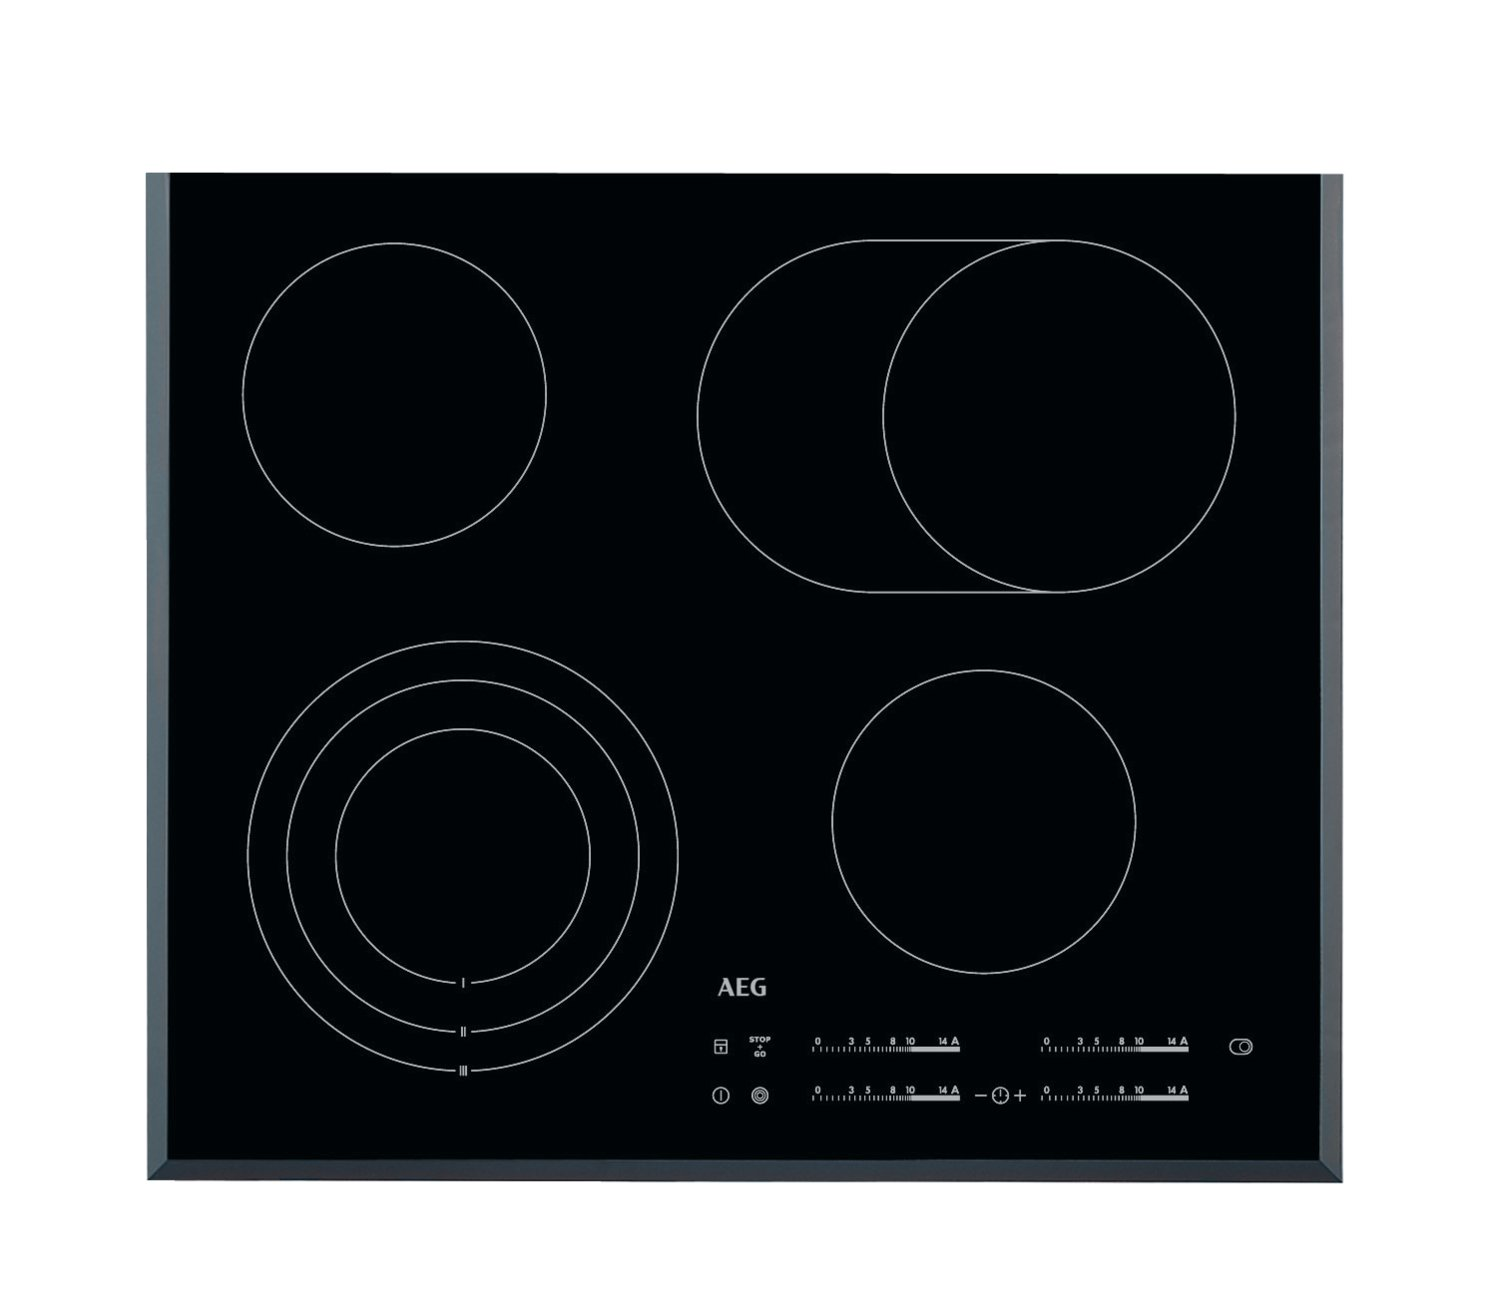 AEG HK654070FB hobs - Placa (Incorporado, Eléctrico, Cerámico, Electrónico, 1.5m, 59 cm) Negro: Amazon.es: Hogar